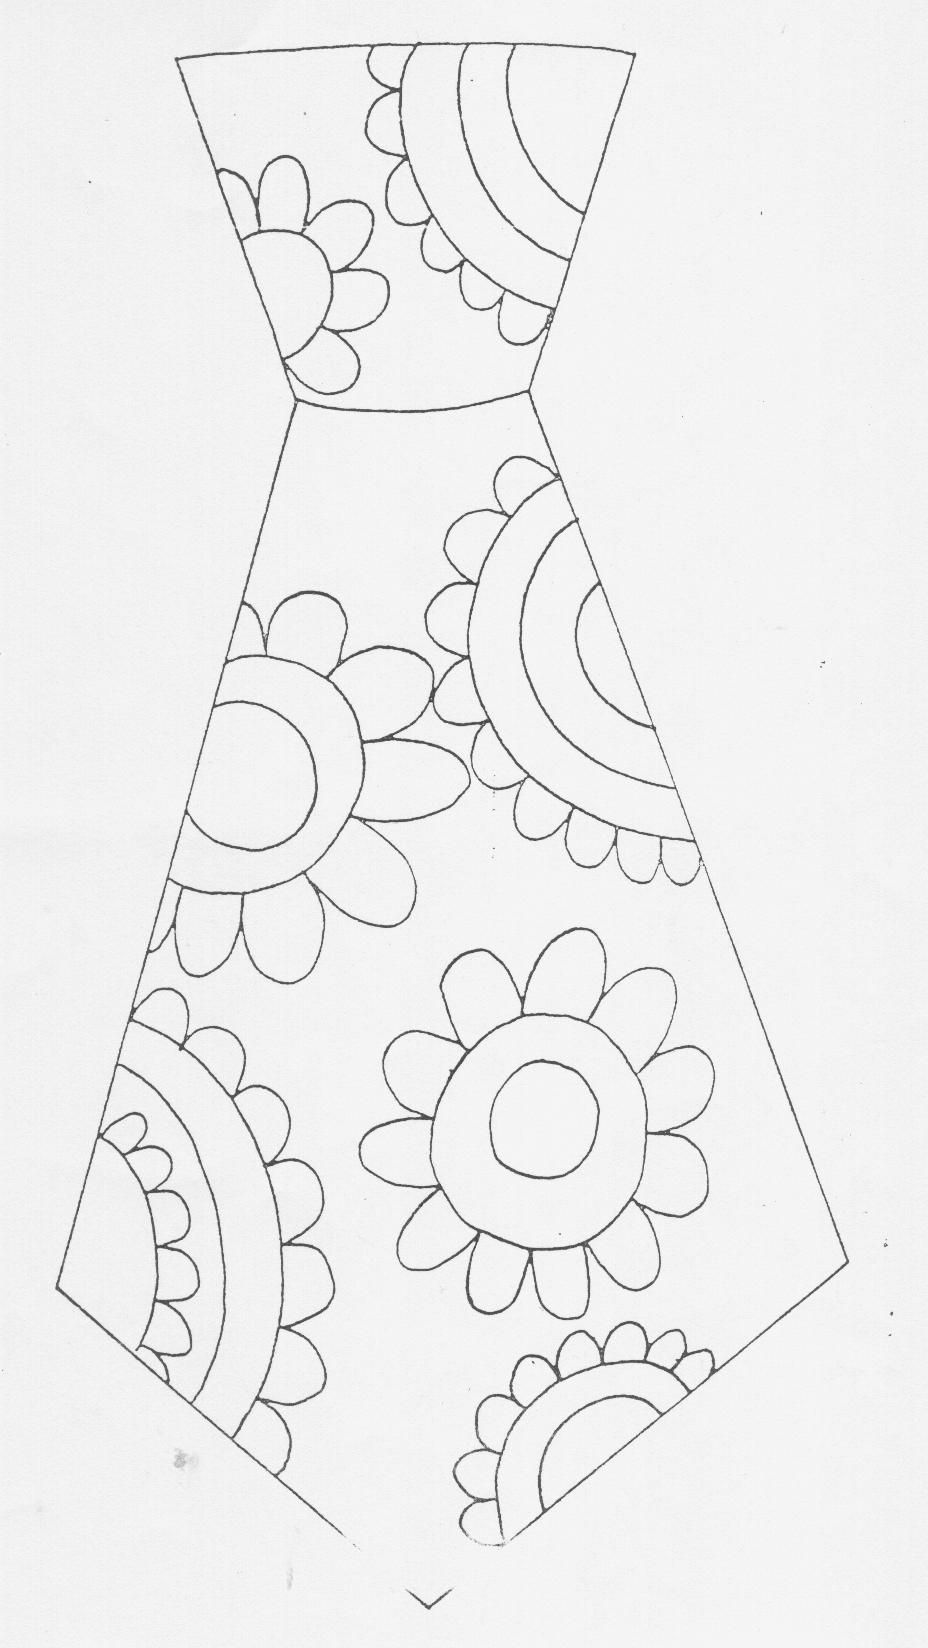 Das met bloemen (kleurplaat).jpg (928×1648)   Kleuters Vaderdag ...